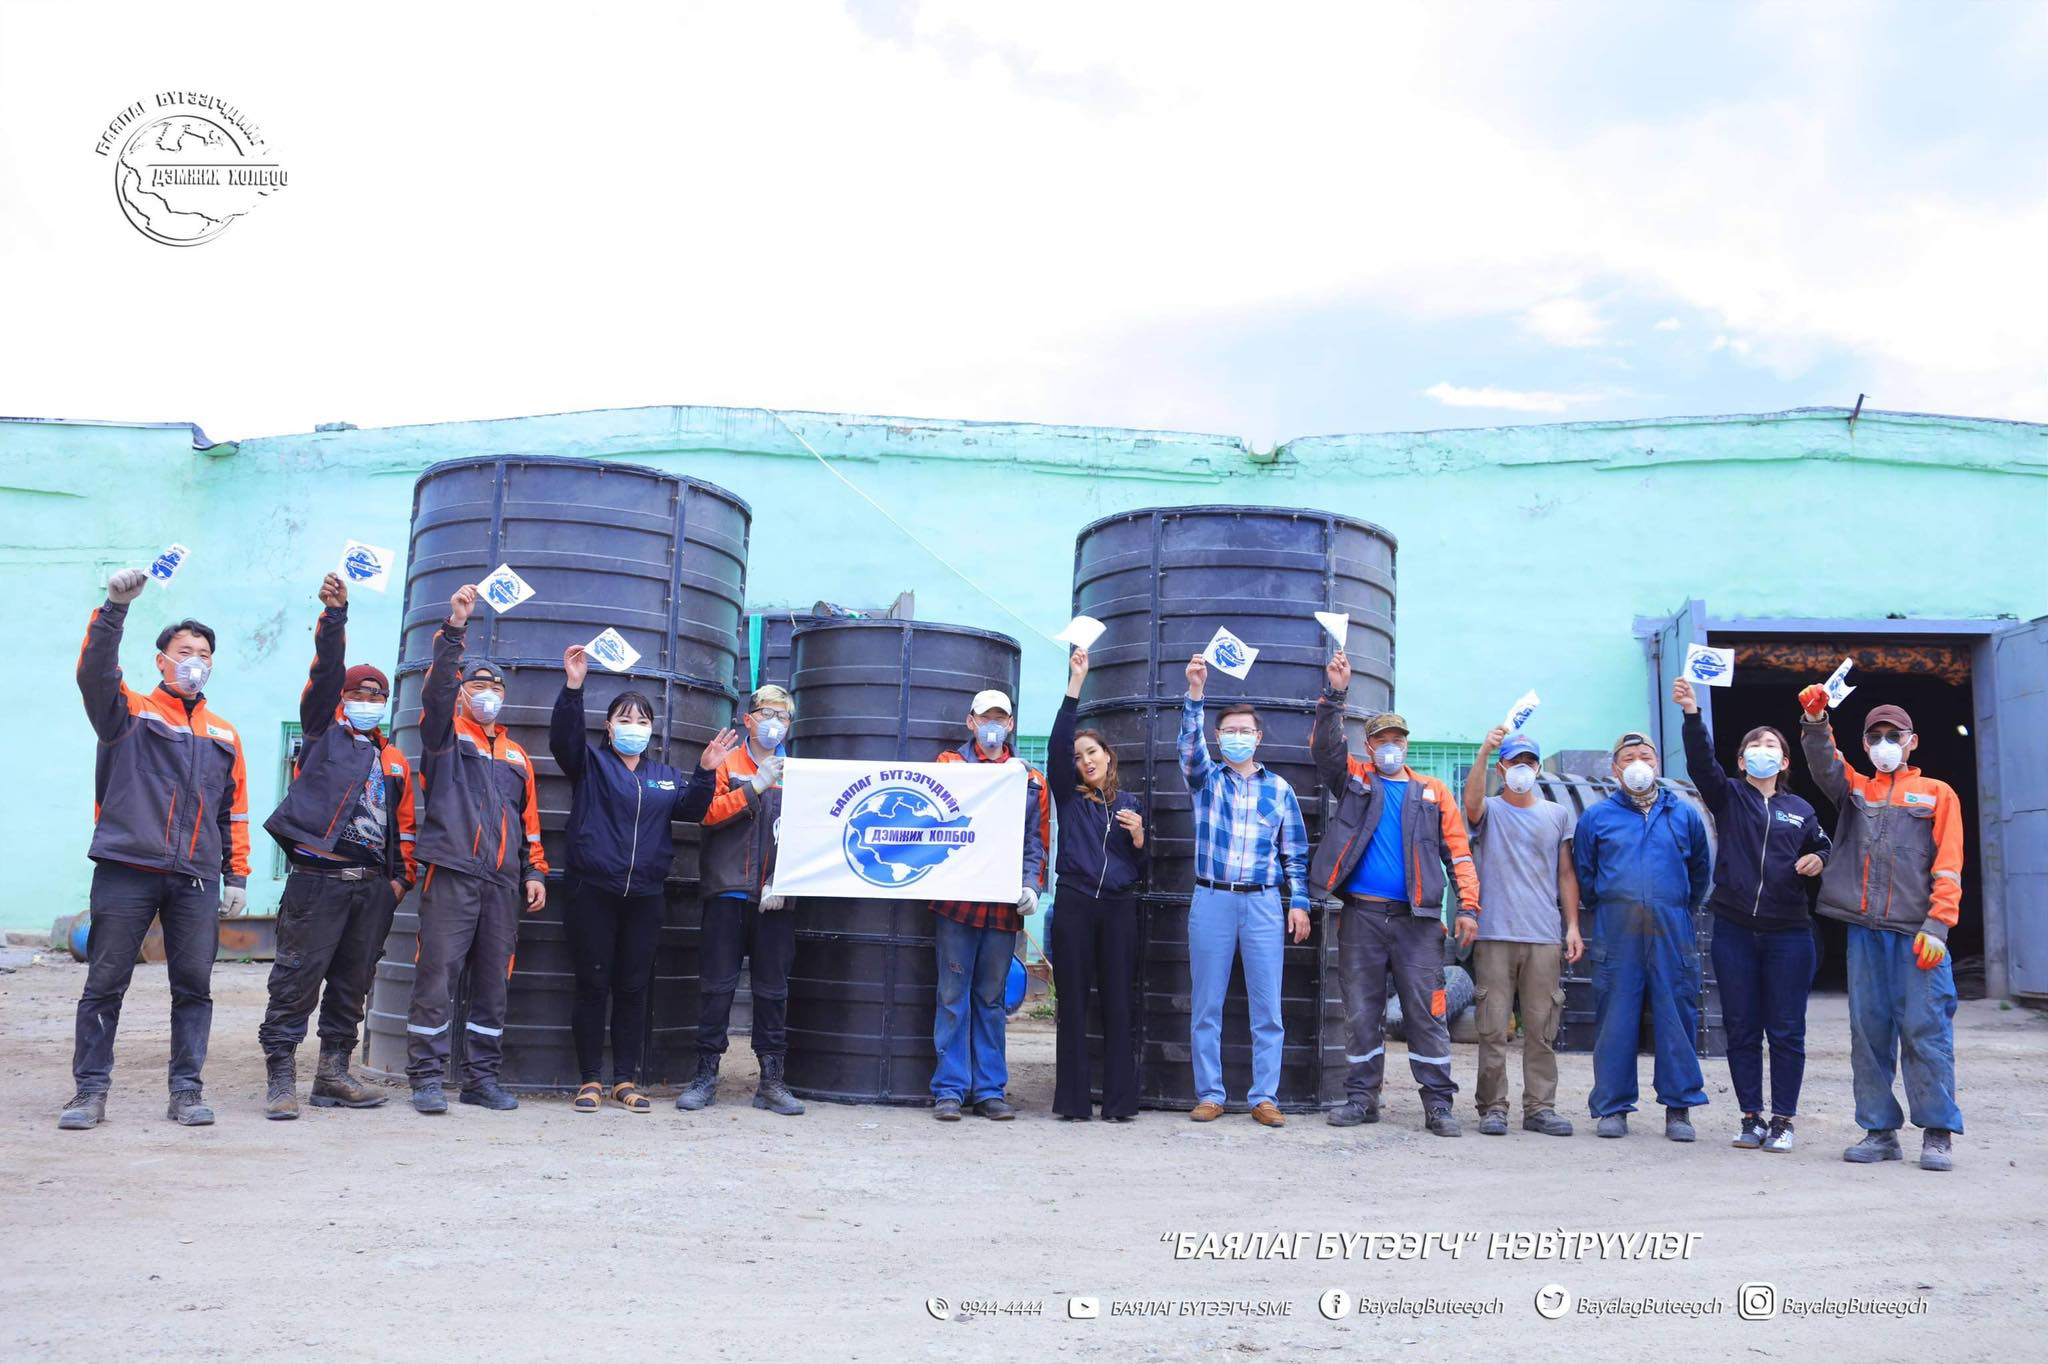 """Хоггүй, хөрсний бохирдолгүй Монголын төлөө уриатай ажиллаж буй Үндэсний үйлдвэрлэгч """"Plastic Center"""" ХХК"""